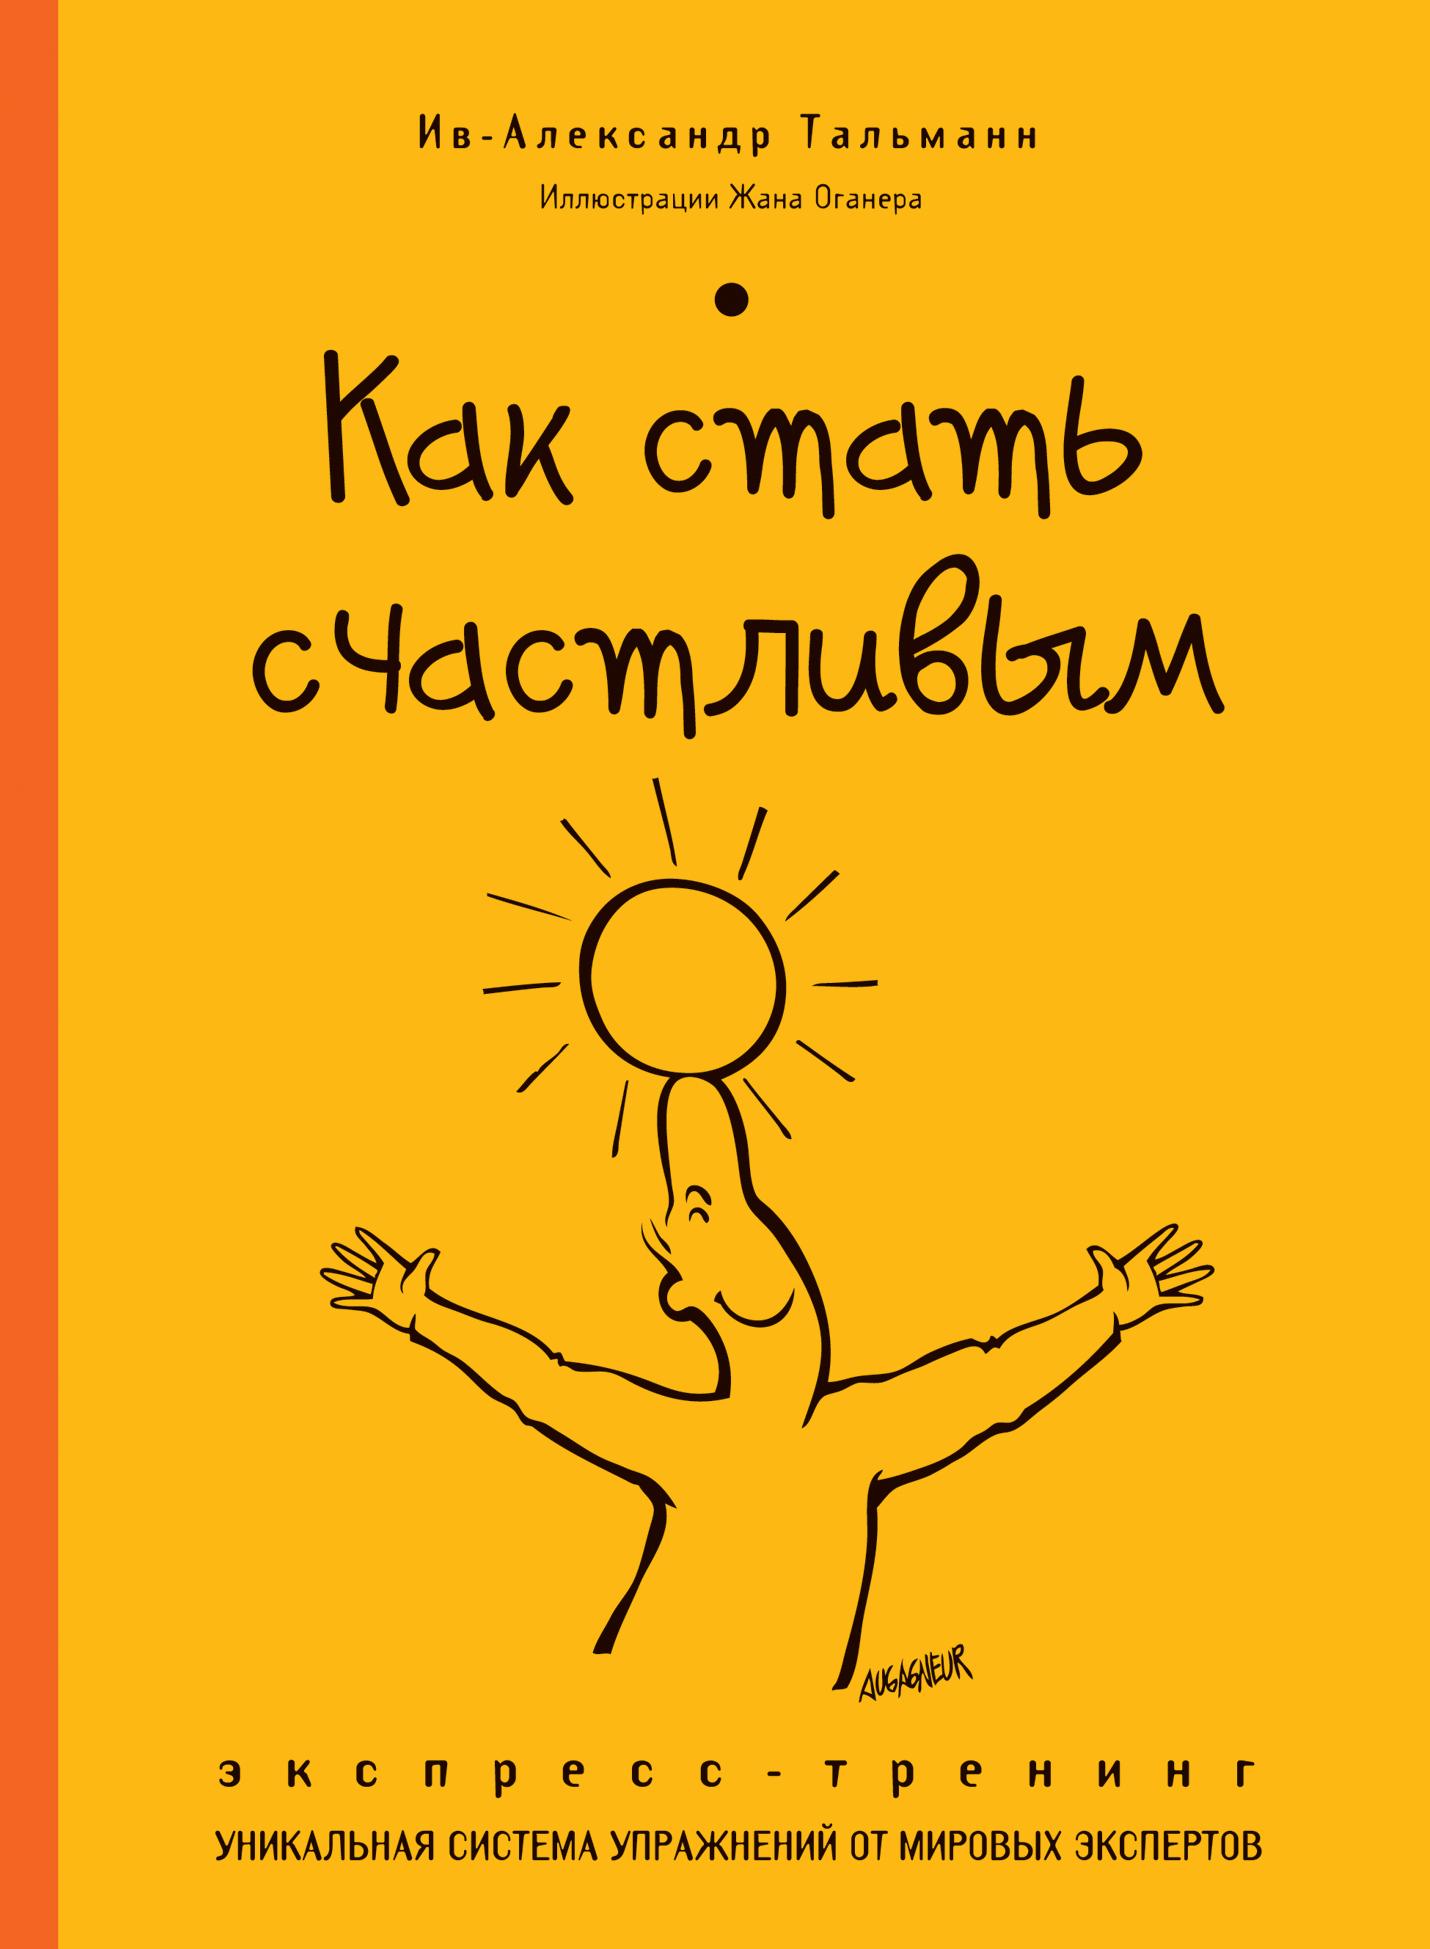 купить Ив-Александр Тальманн Как стать счастливым. Экспресс-тренинг по цене 147 рублей